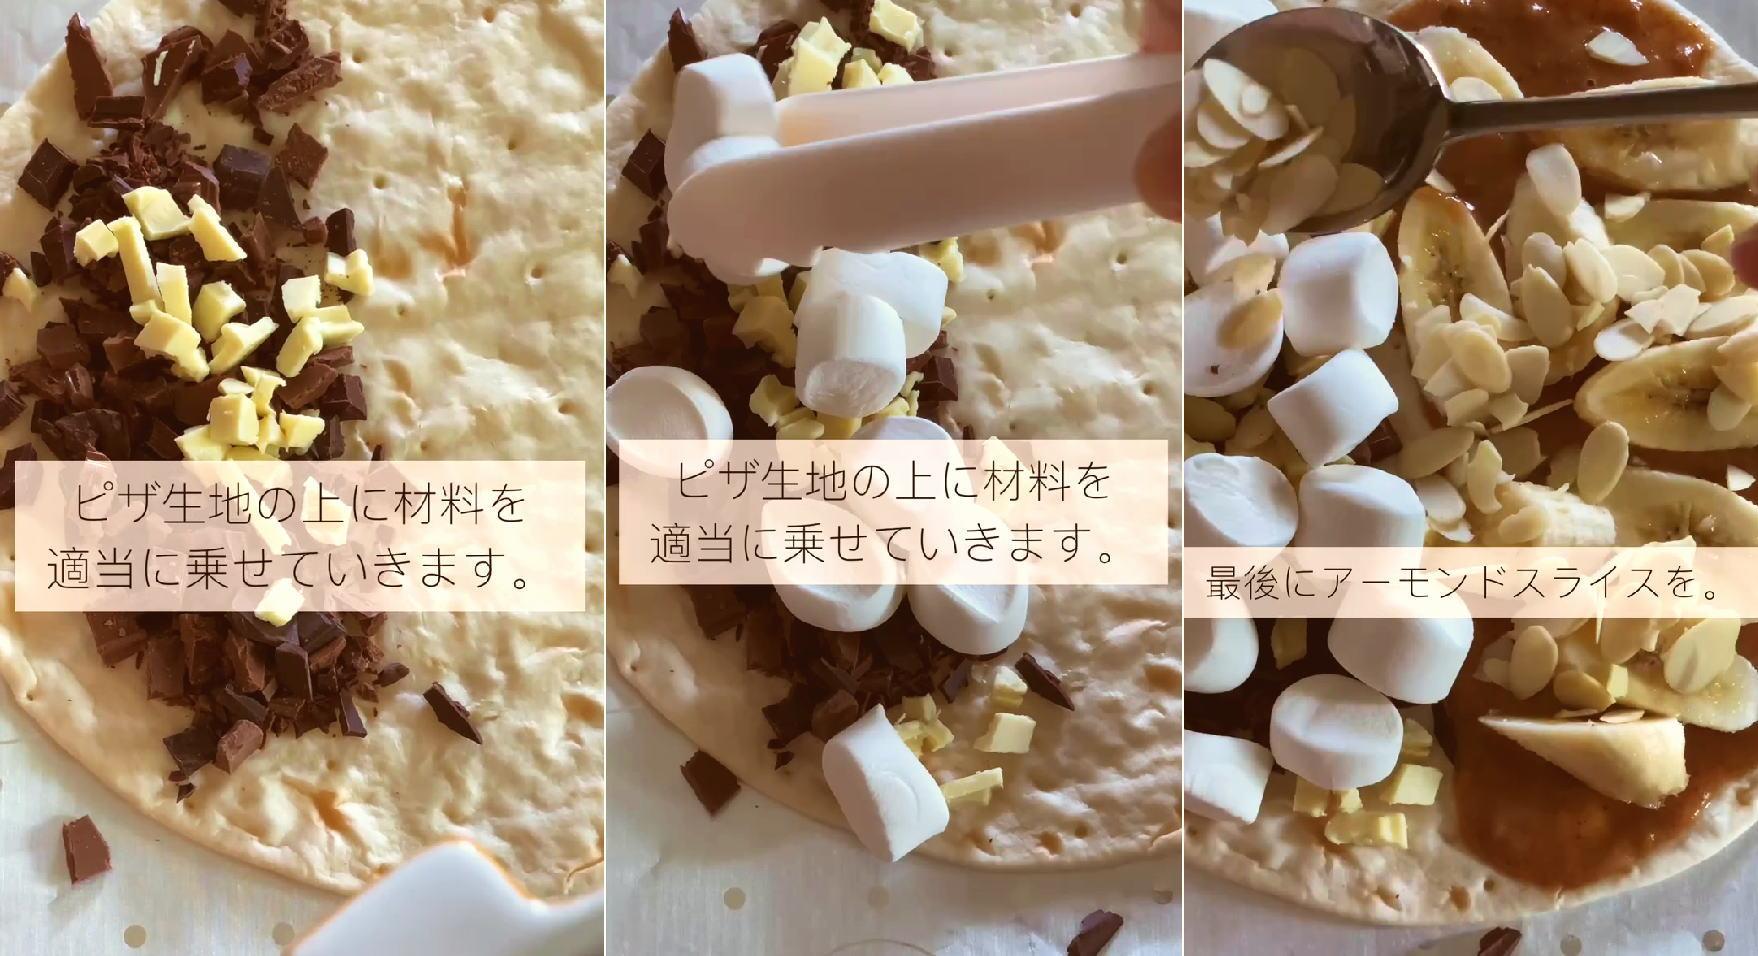 チョコレートピザの作り方